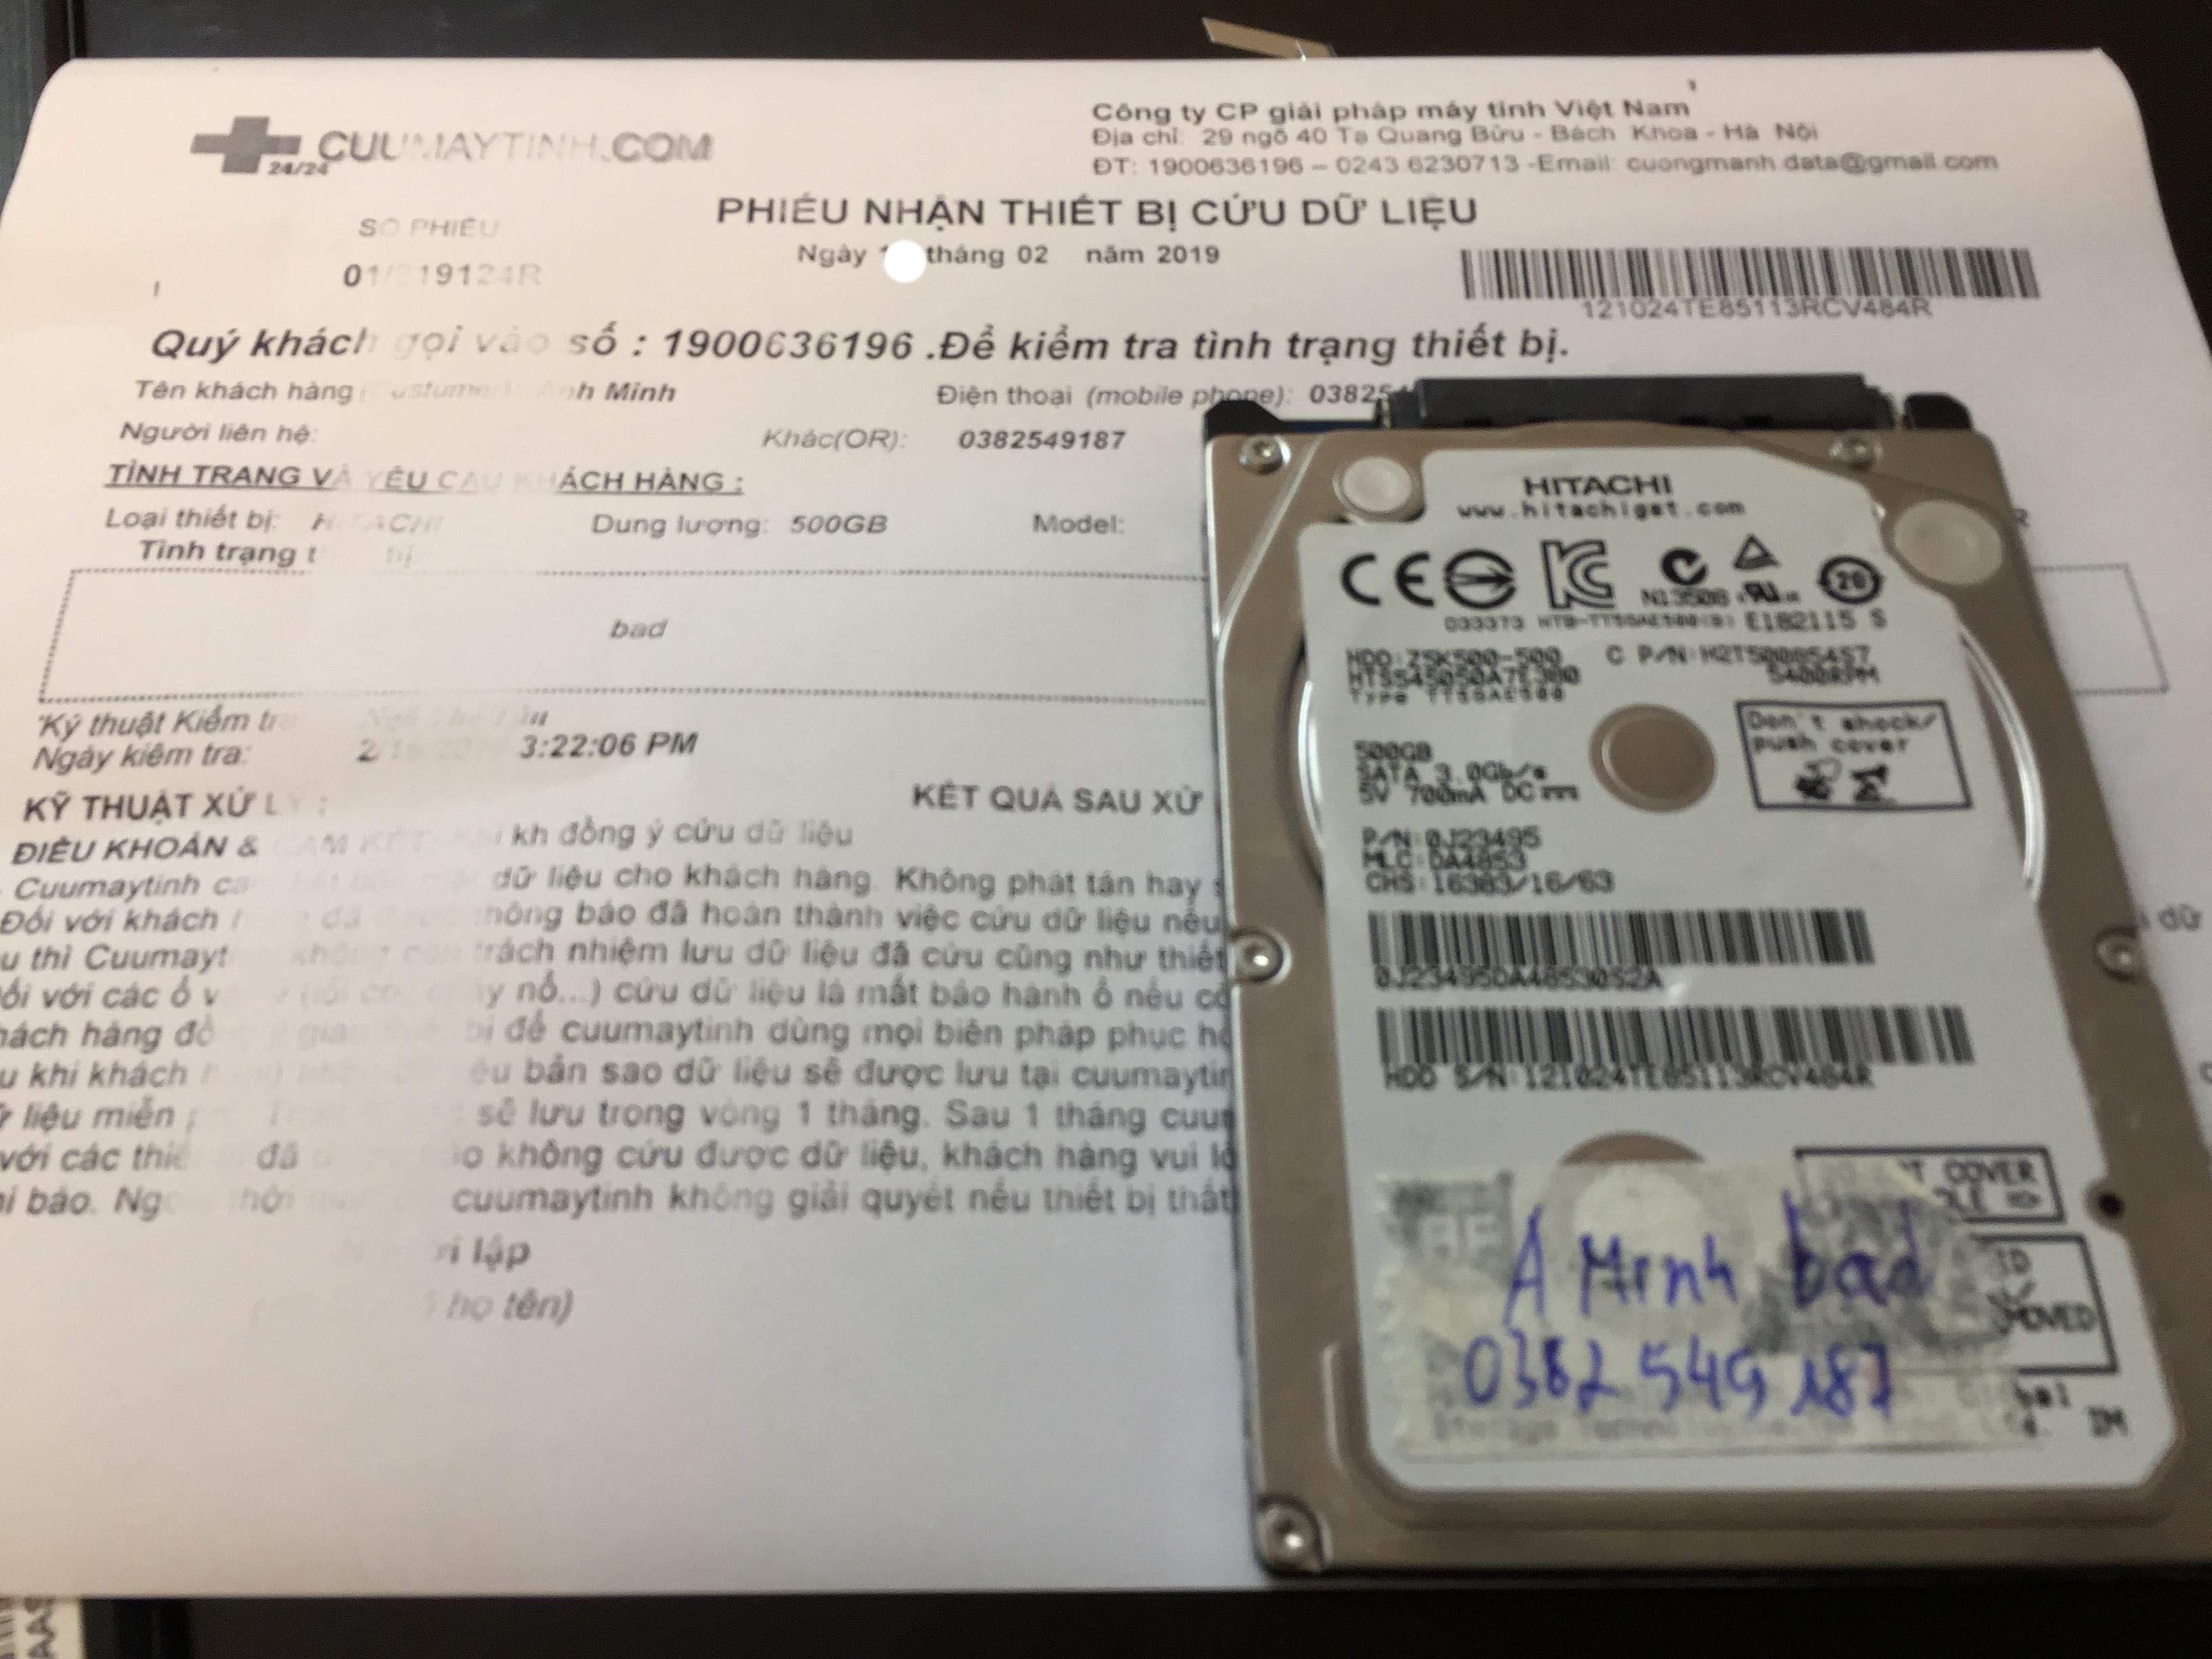 Khôi phục dữ liệu ổ cứng Hitachi 500GB bad 20/02/2019 - cuumaytinh